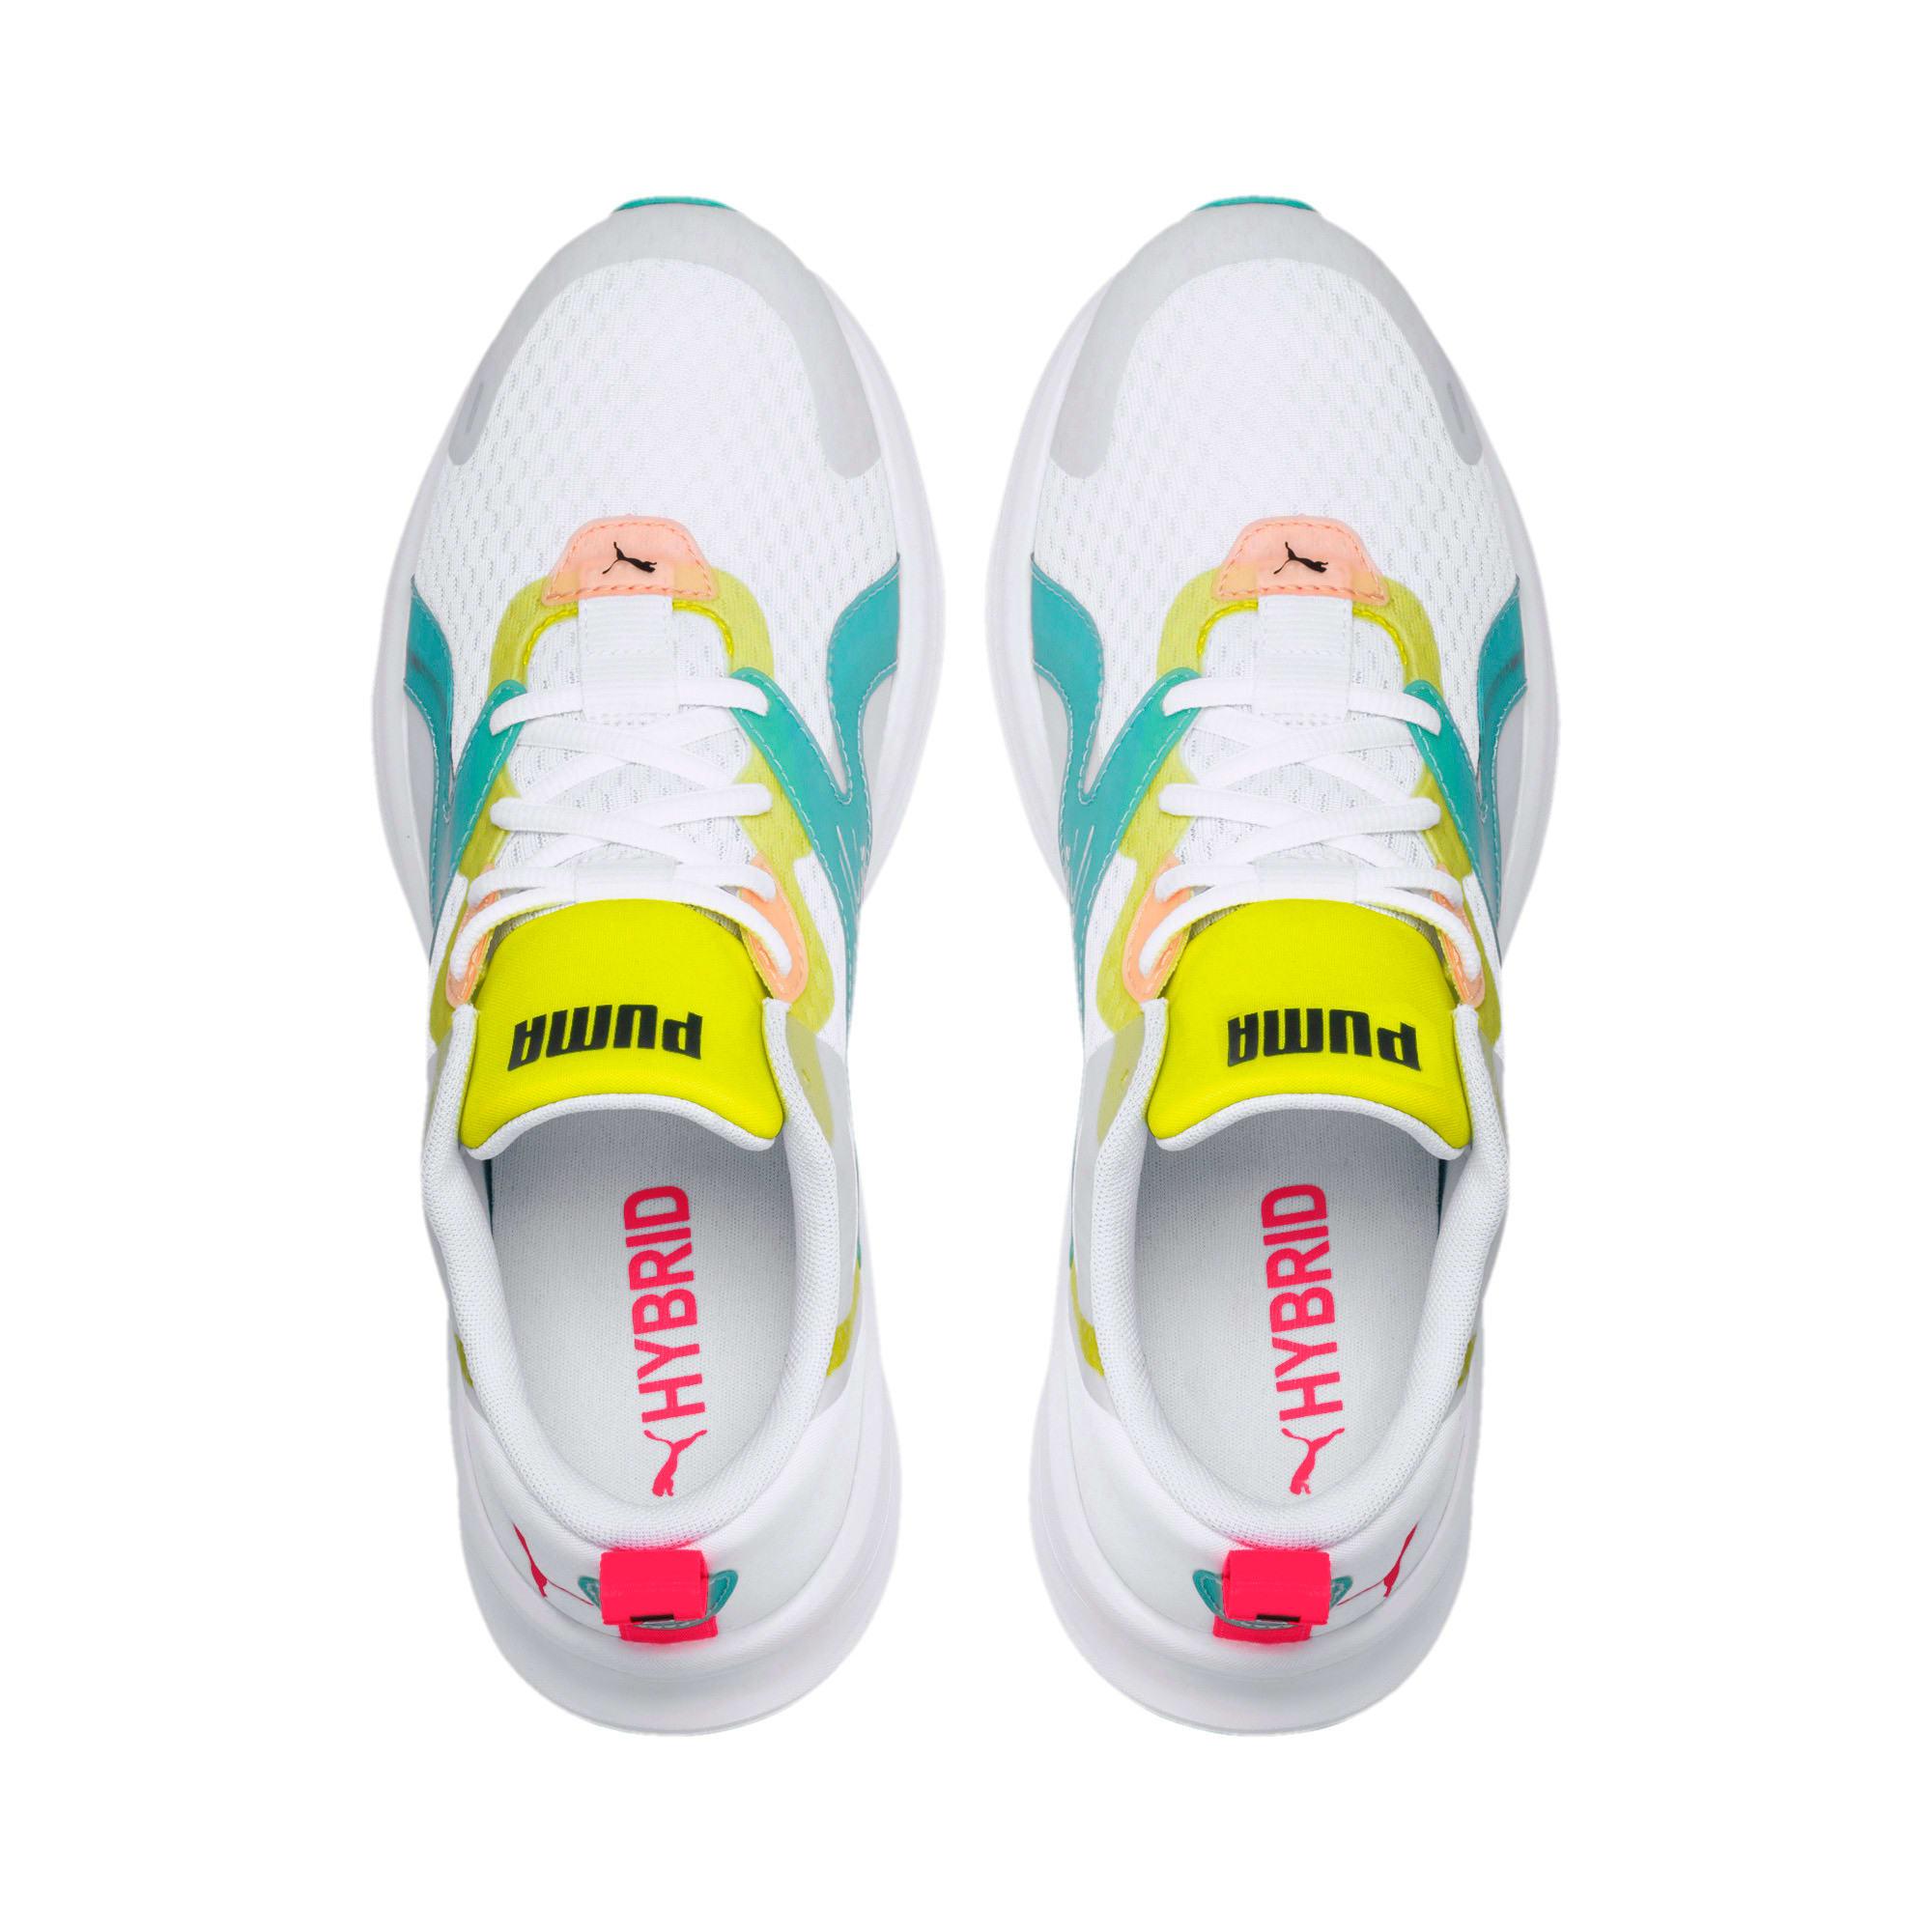 Imagen en miniatura 6 de Zapatillas de running de hombre HYBRID Fuego, White-Nrgy Rose-Yellow Alert, mediana